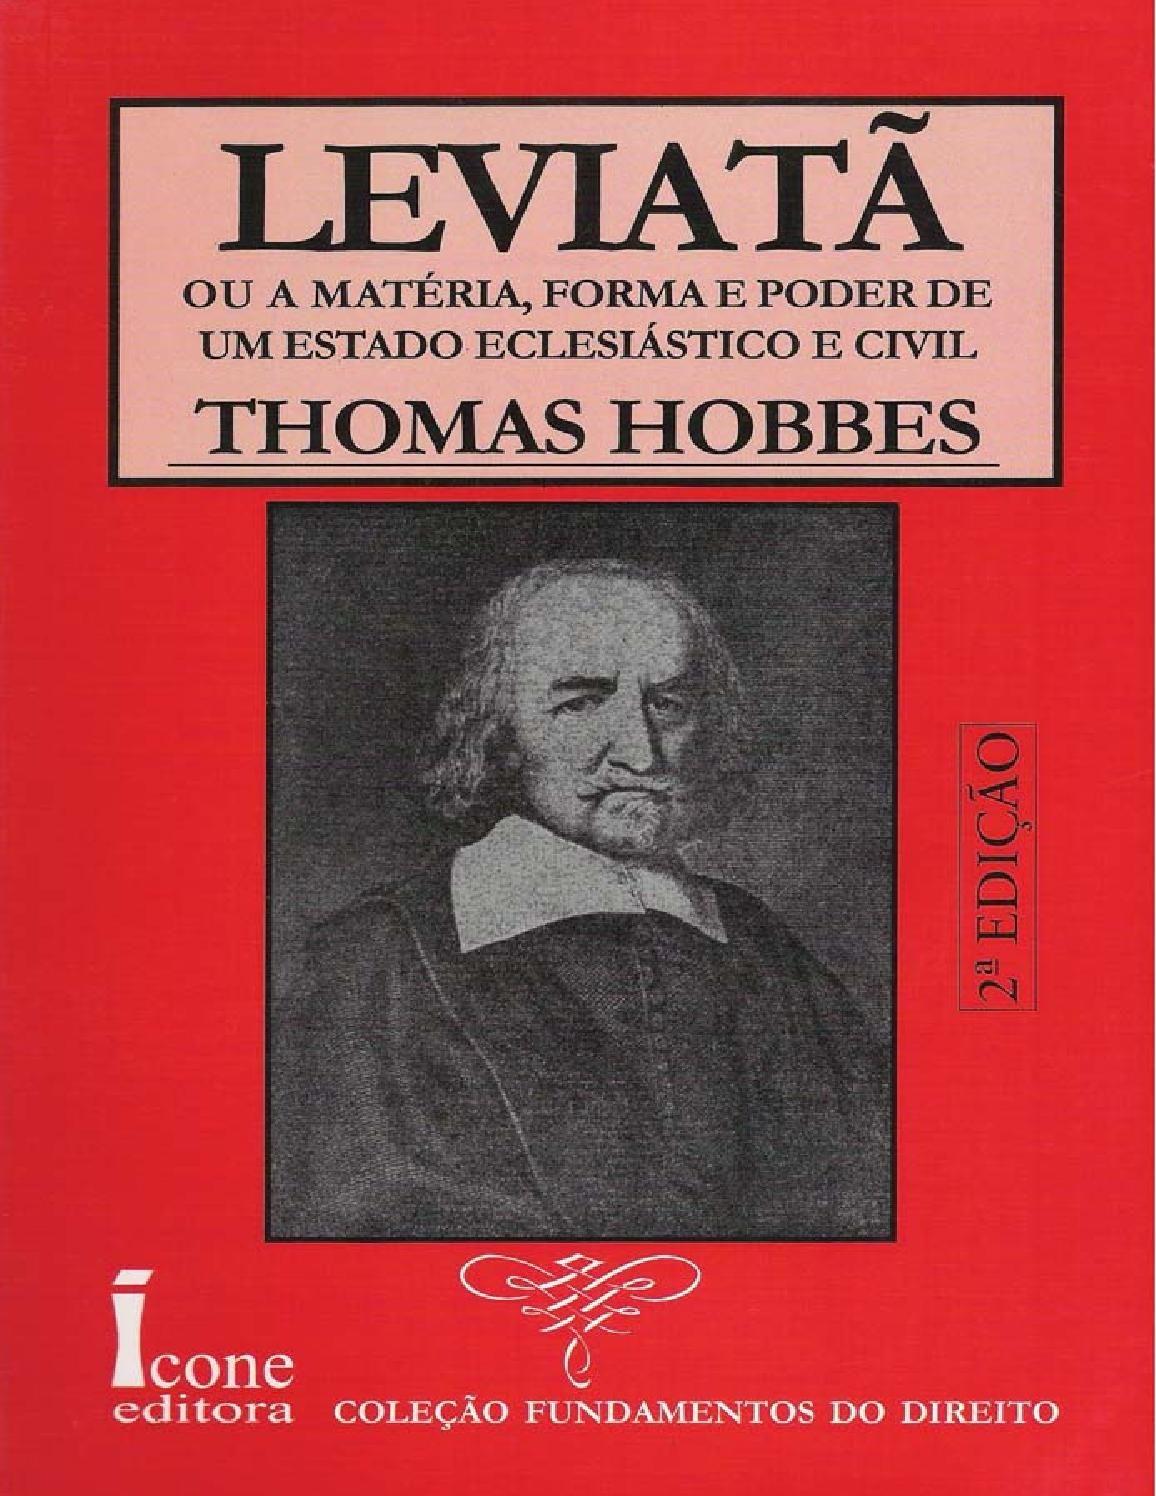 Leviata Thomas Hobbes Estudos Livros De Filosofia Amo